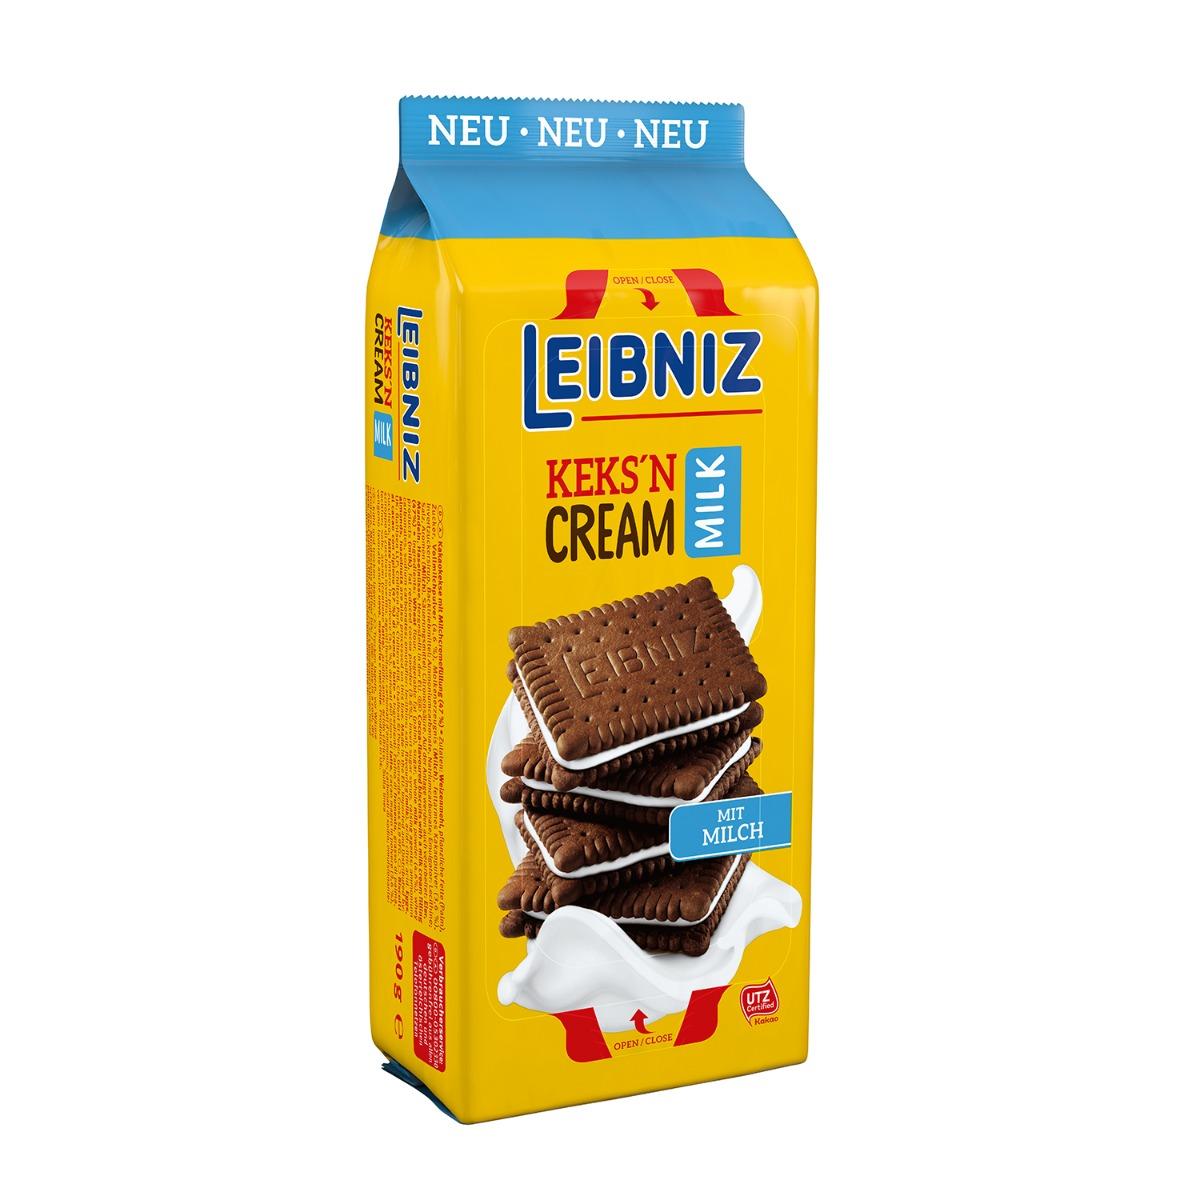 Biscuiti cu crema de lapte Leibniz, 190 g imagine